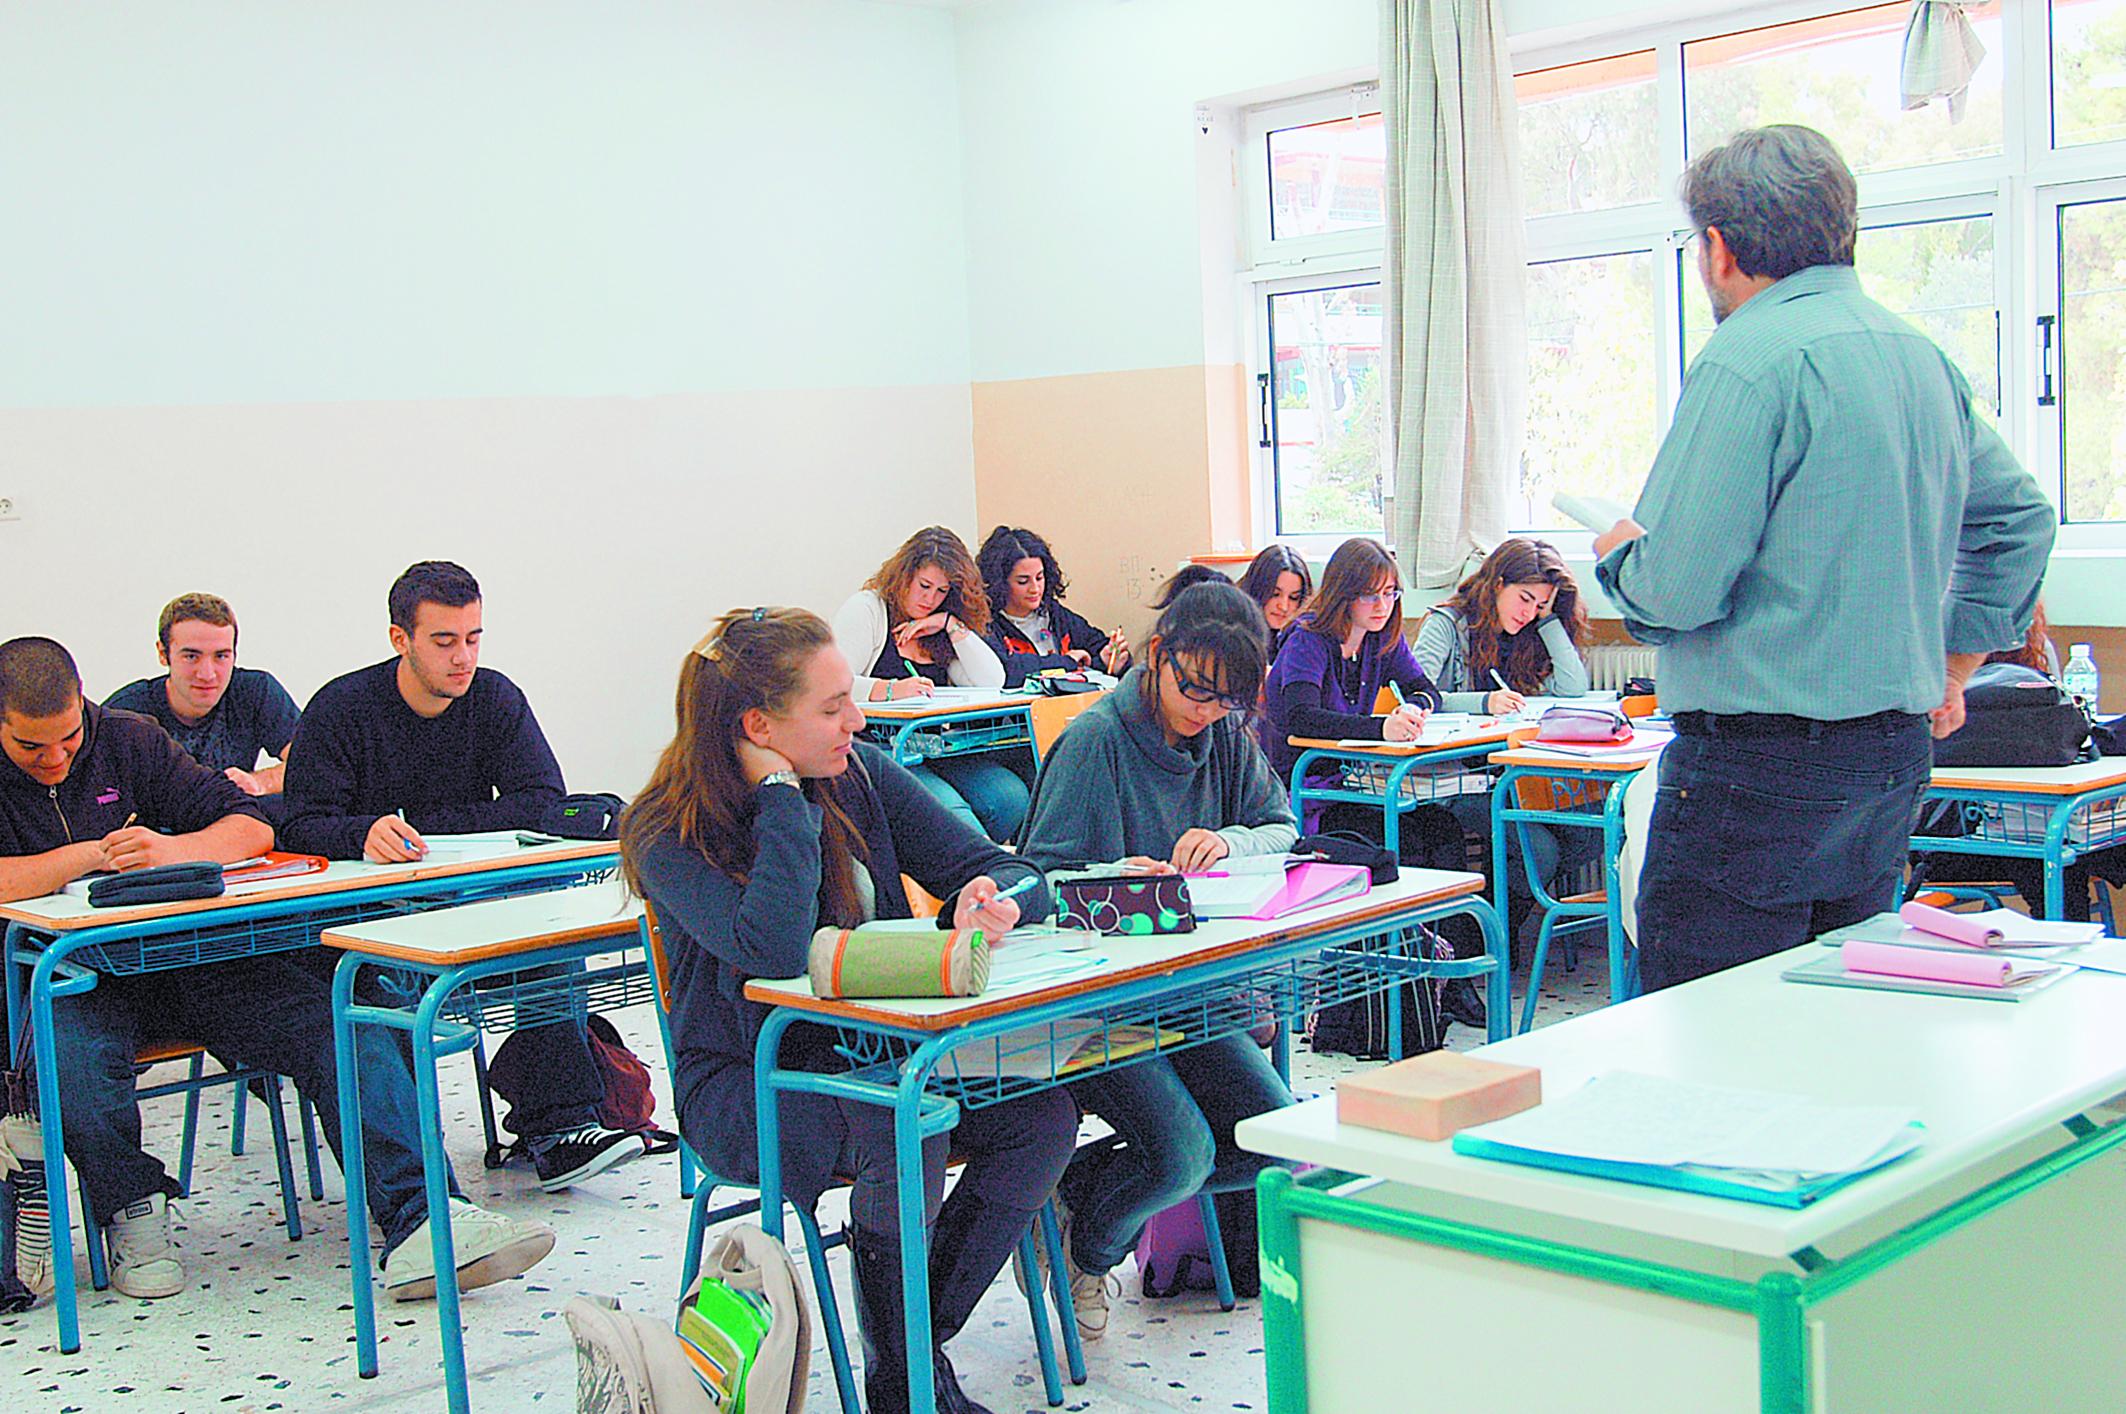 Αυτό είναι το νομοσχέδιο για το νέο Λύκειο – Ολες οι αλλαγές | tovima.gr